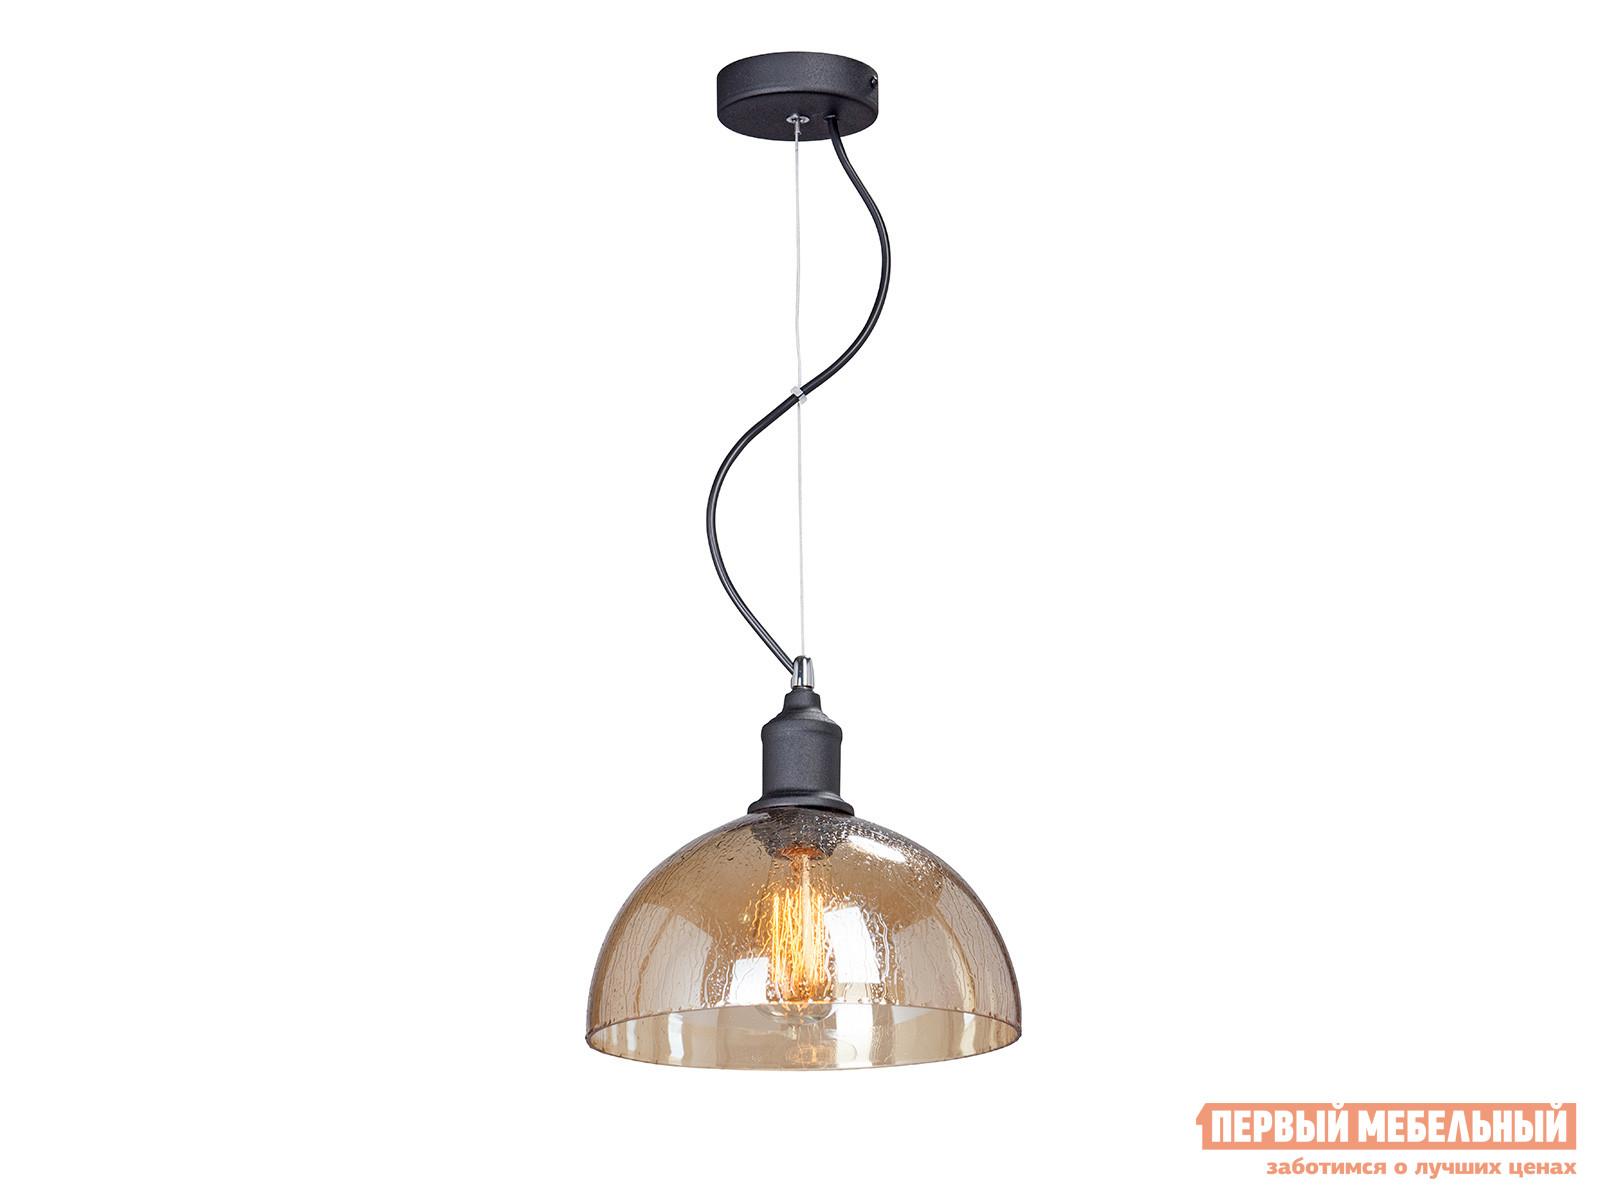 Подвесной светильник КСК-электро Люстра V4850-1/1S, V4851-1/1S